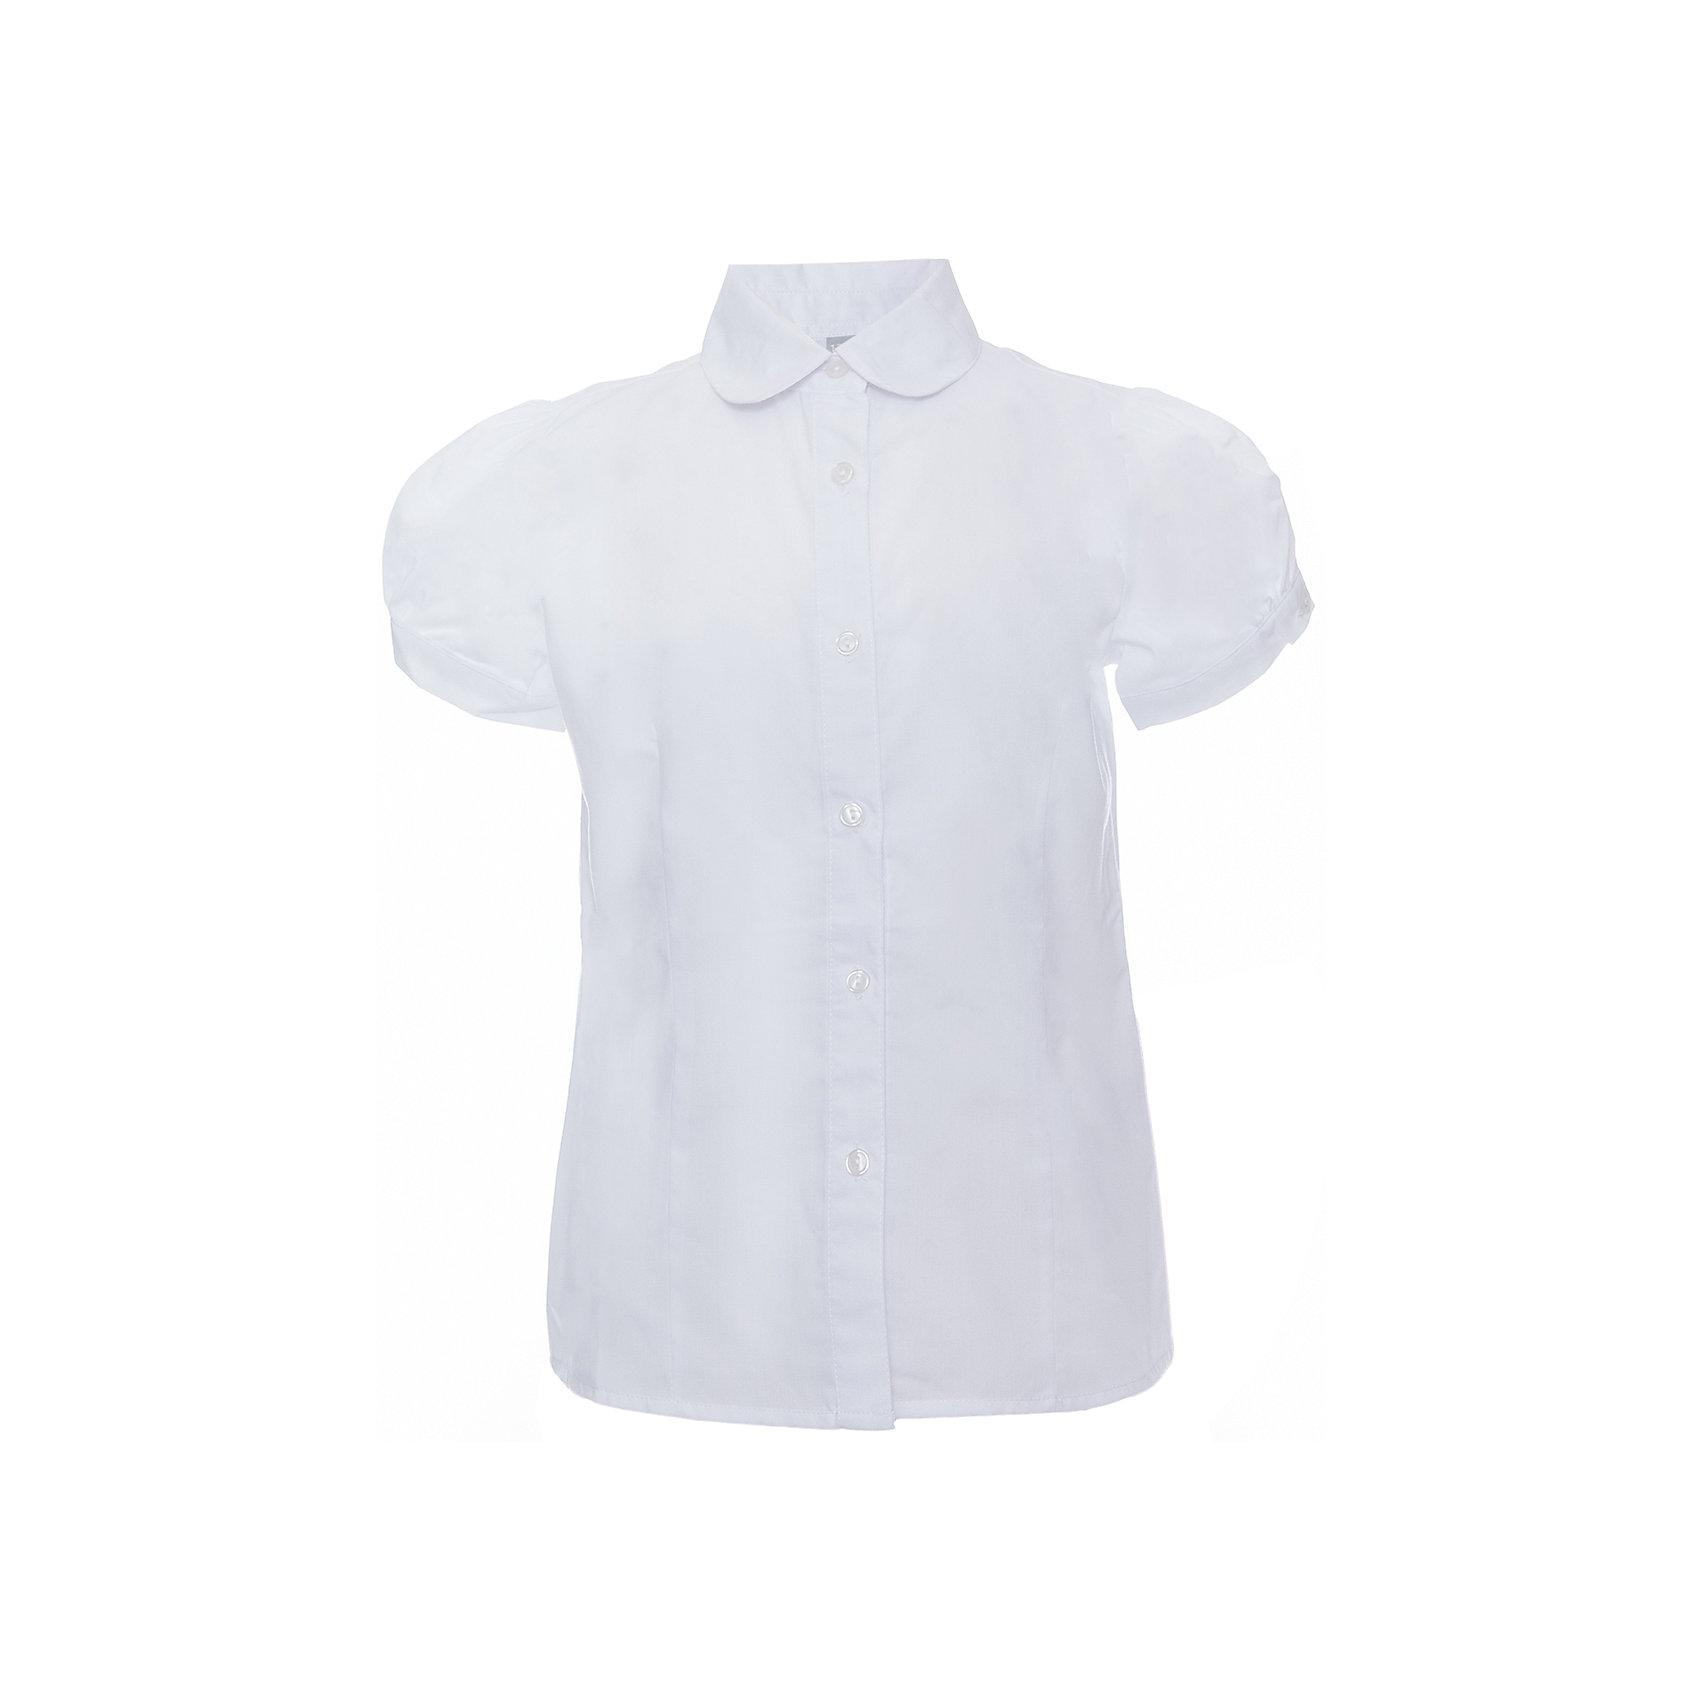 Блузка для девочки ScoolБлузки и рубашки<br>Блузка для девочки от известного бренда Scool<br>Состав:<br>65% хлопок, 35% полиэстер<br>Стильная белая блузка на пуговках. Округлый воротник. Рукава-фонарики придают кокетства.<br><br>Ширина мм: 186<br>Глубина мм: 87<br>Высота мм: 198<br>Вес г: 197<br>Цвет: белый<br>Возраст от месяцев: 144<br>Возраст до месяцев: 156<br>Пол: Женский<br>Возраст: Детский<br>Размер: 158,146,140,134,128,122,152,164<br>SKU: 4687011